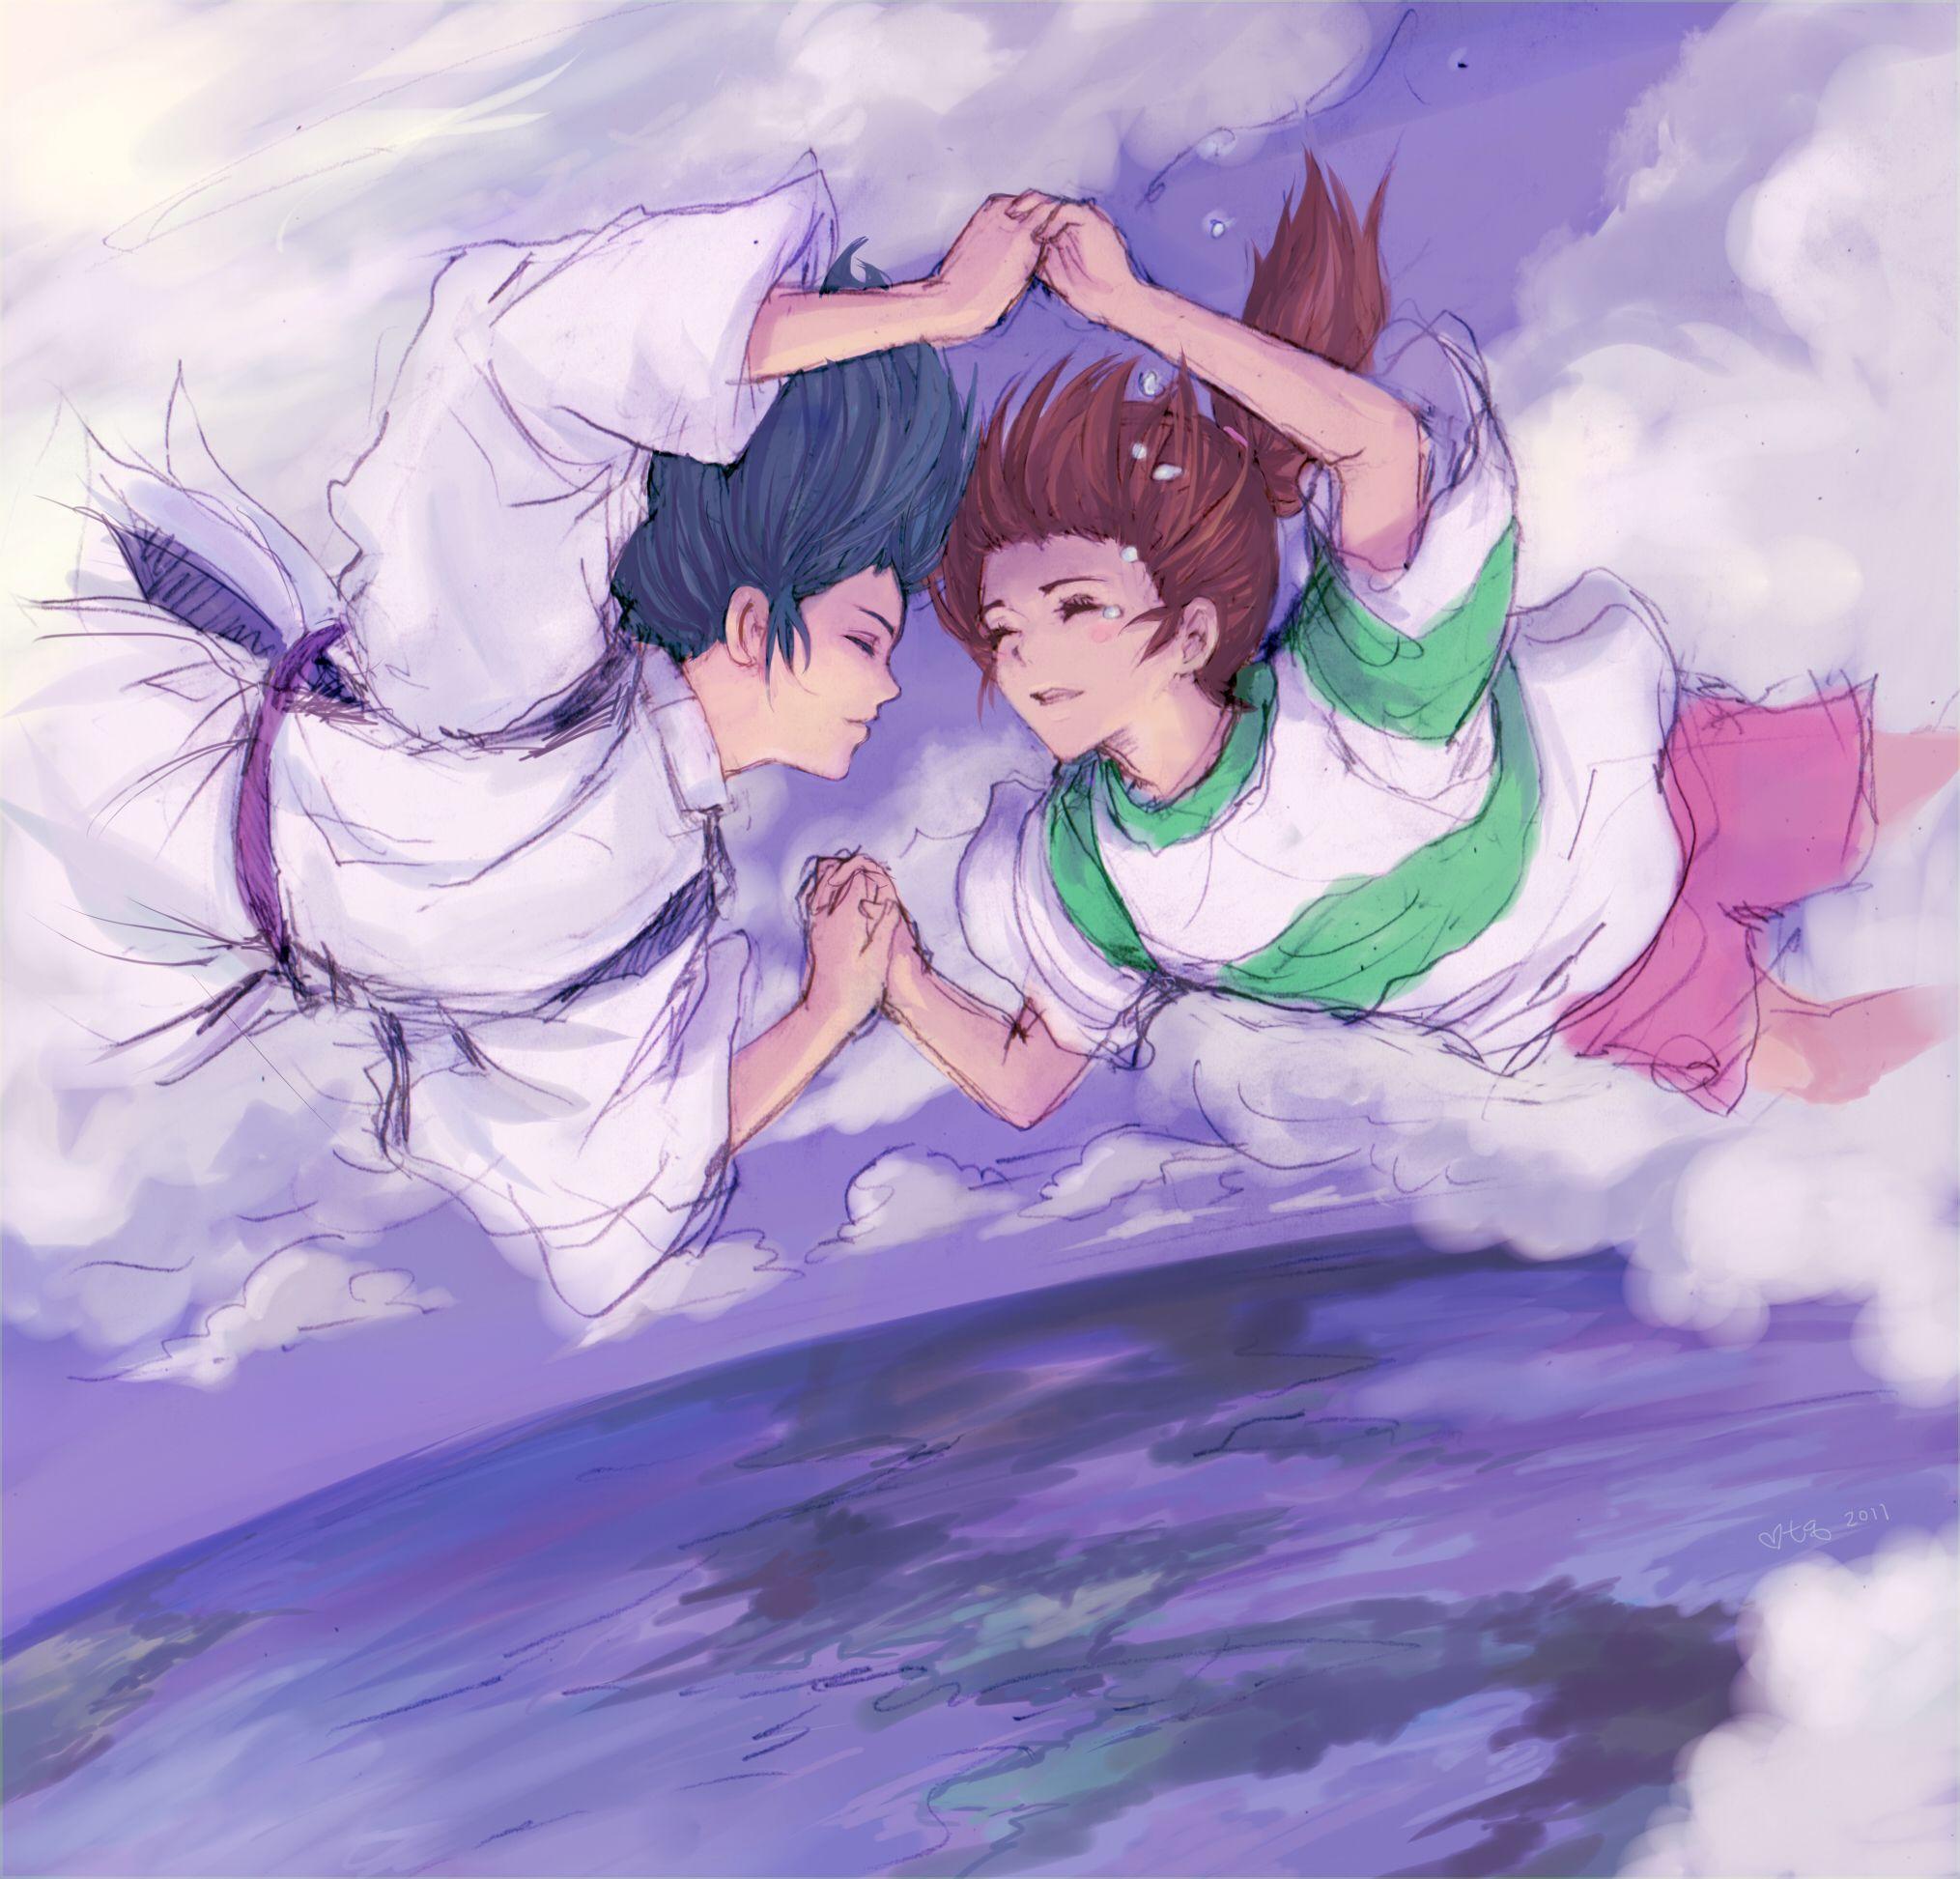 /Spirited Away/#1570908 - Zerochan   Hayao Miyazaki   Studio Ghibli / Ogino Chihiro and Haku